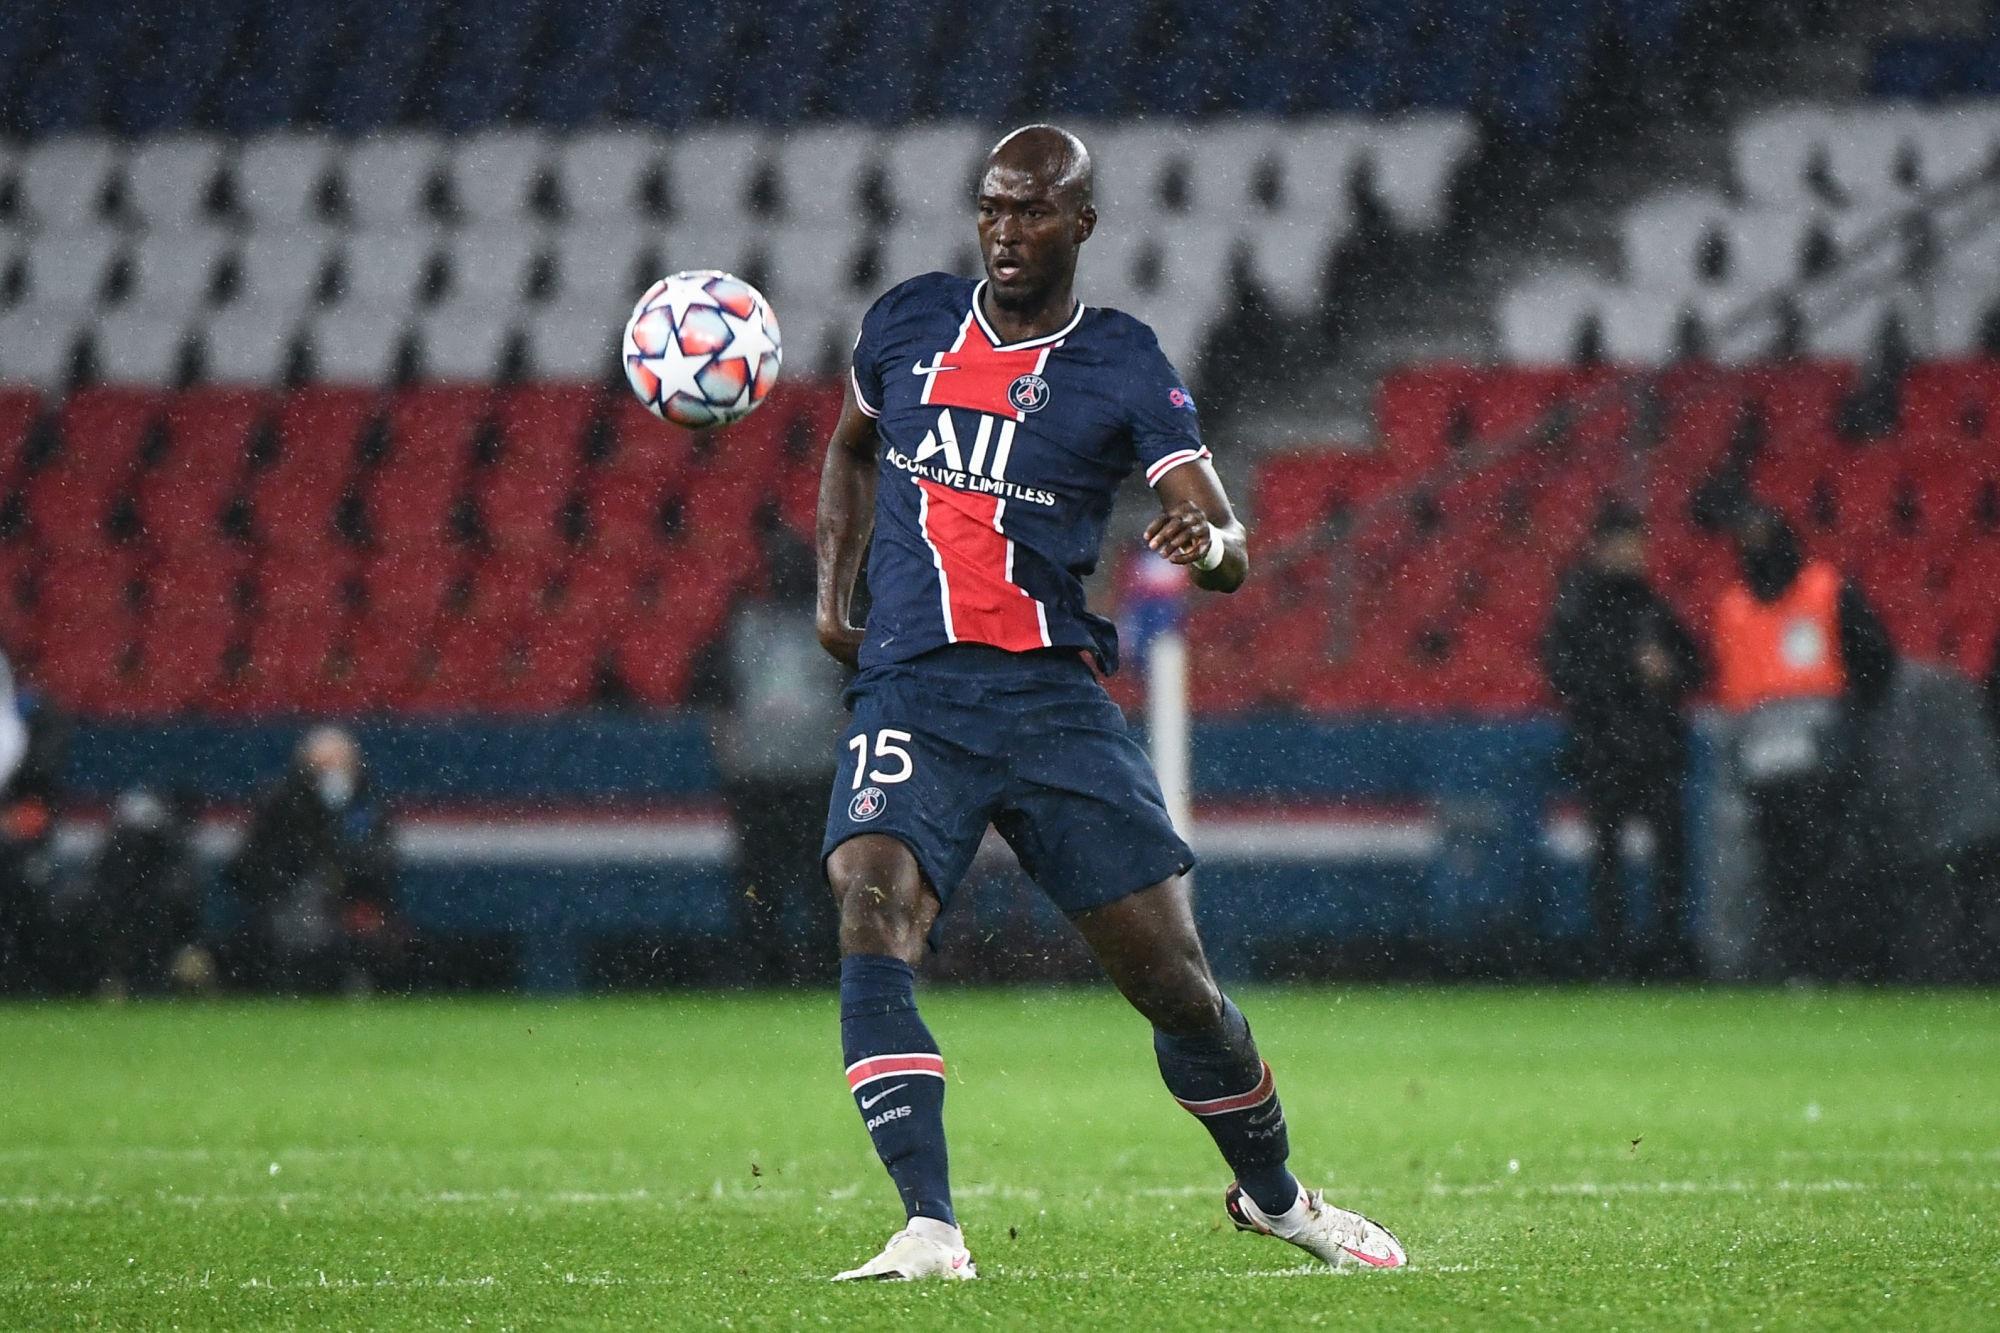 Nantes/PSG - L'équipe parisienne en 4-3-3 avec Danilo en défense, selon L'Equipe